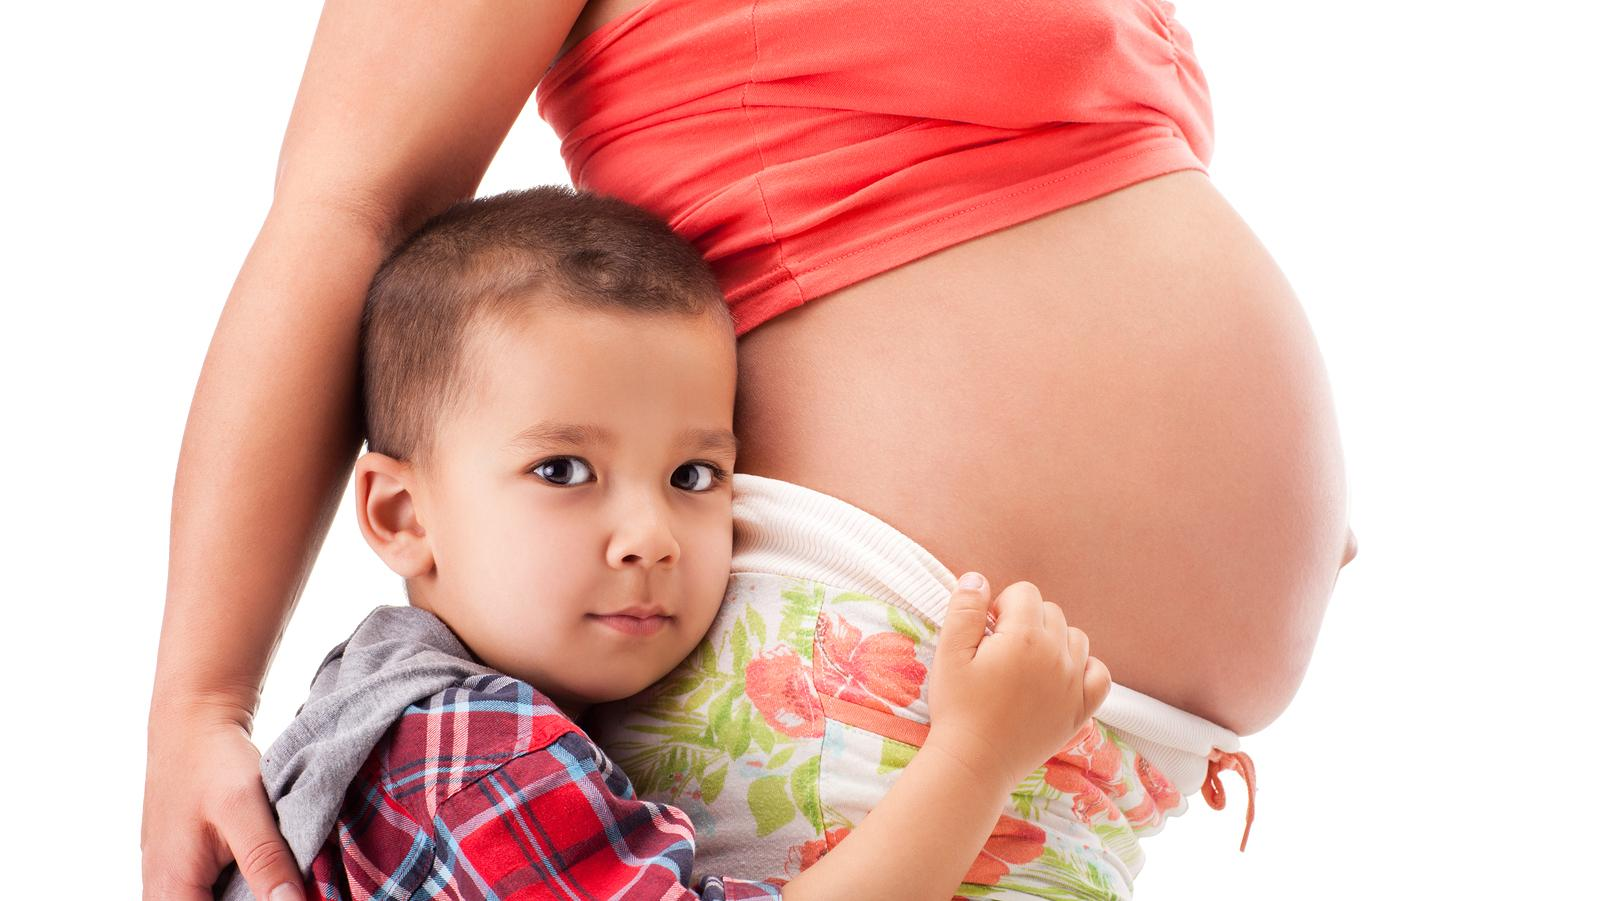 Tested változása a terhesség alatt   bestcarwash.hu